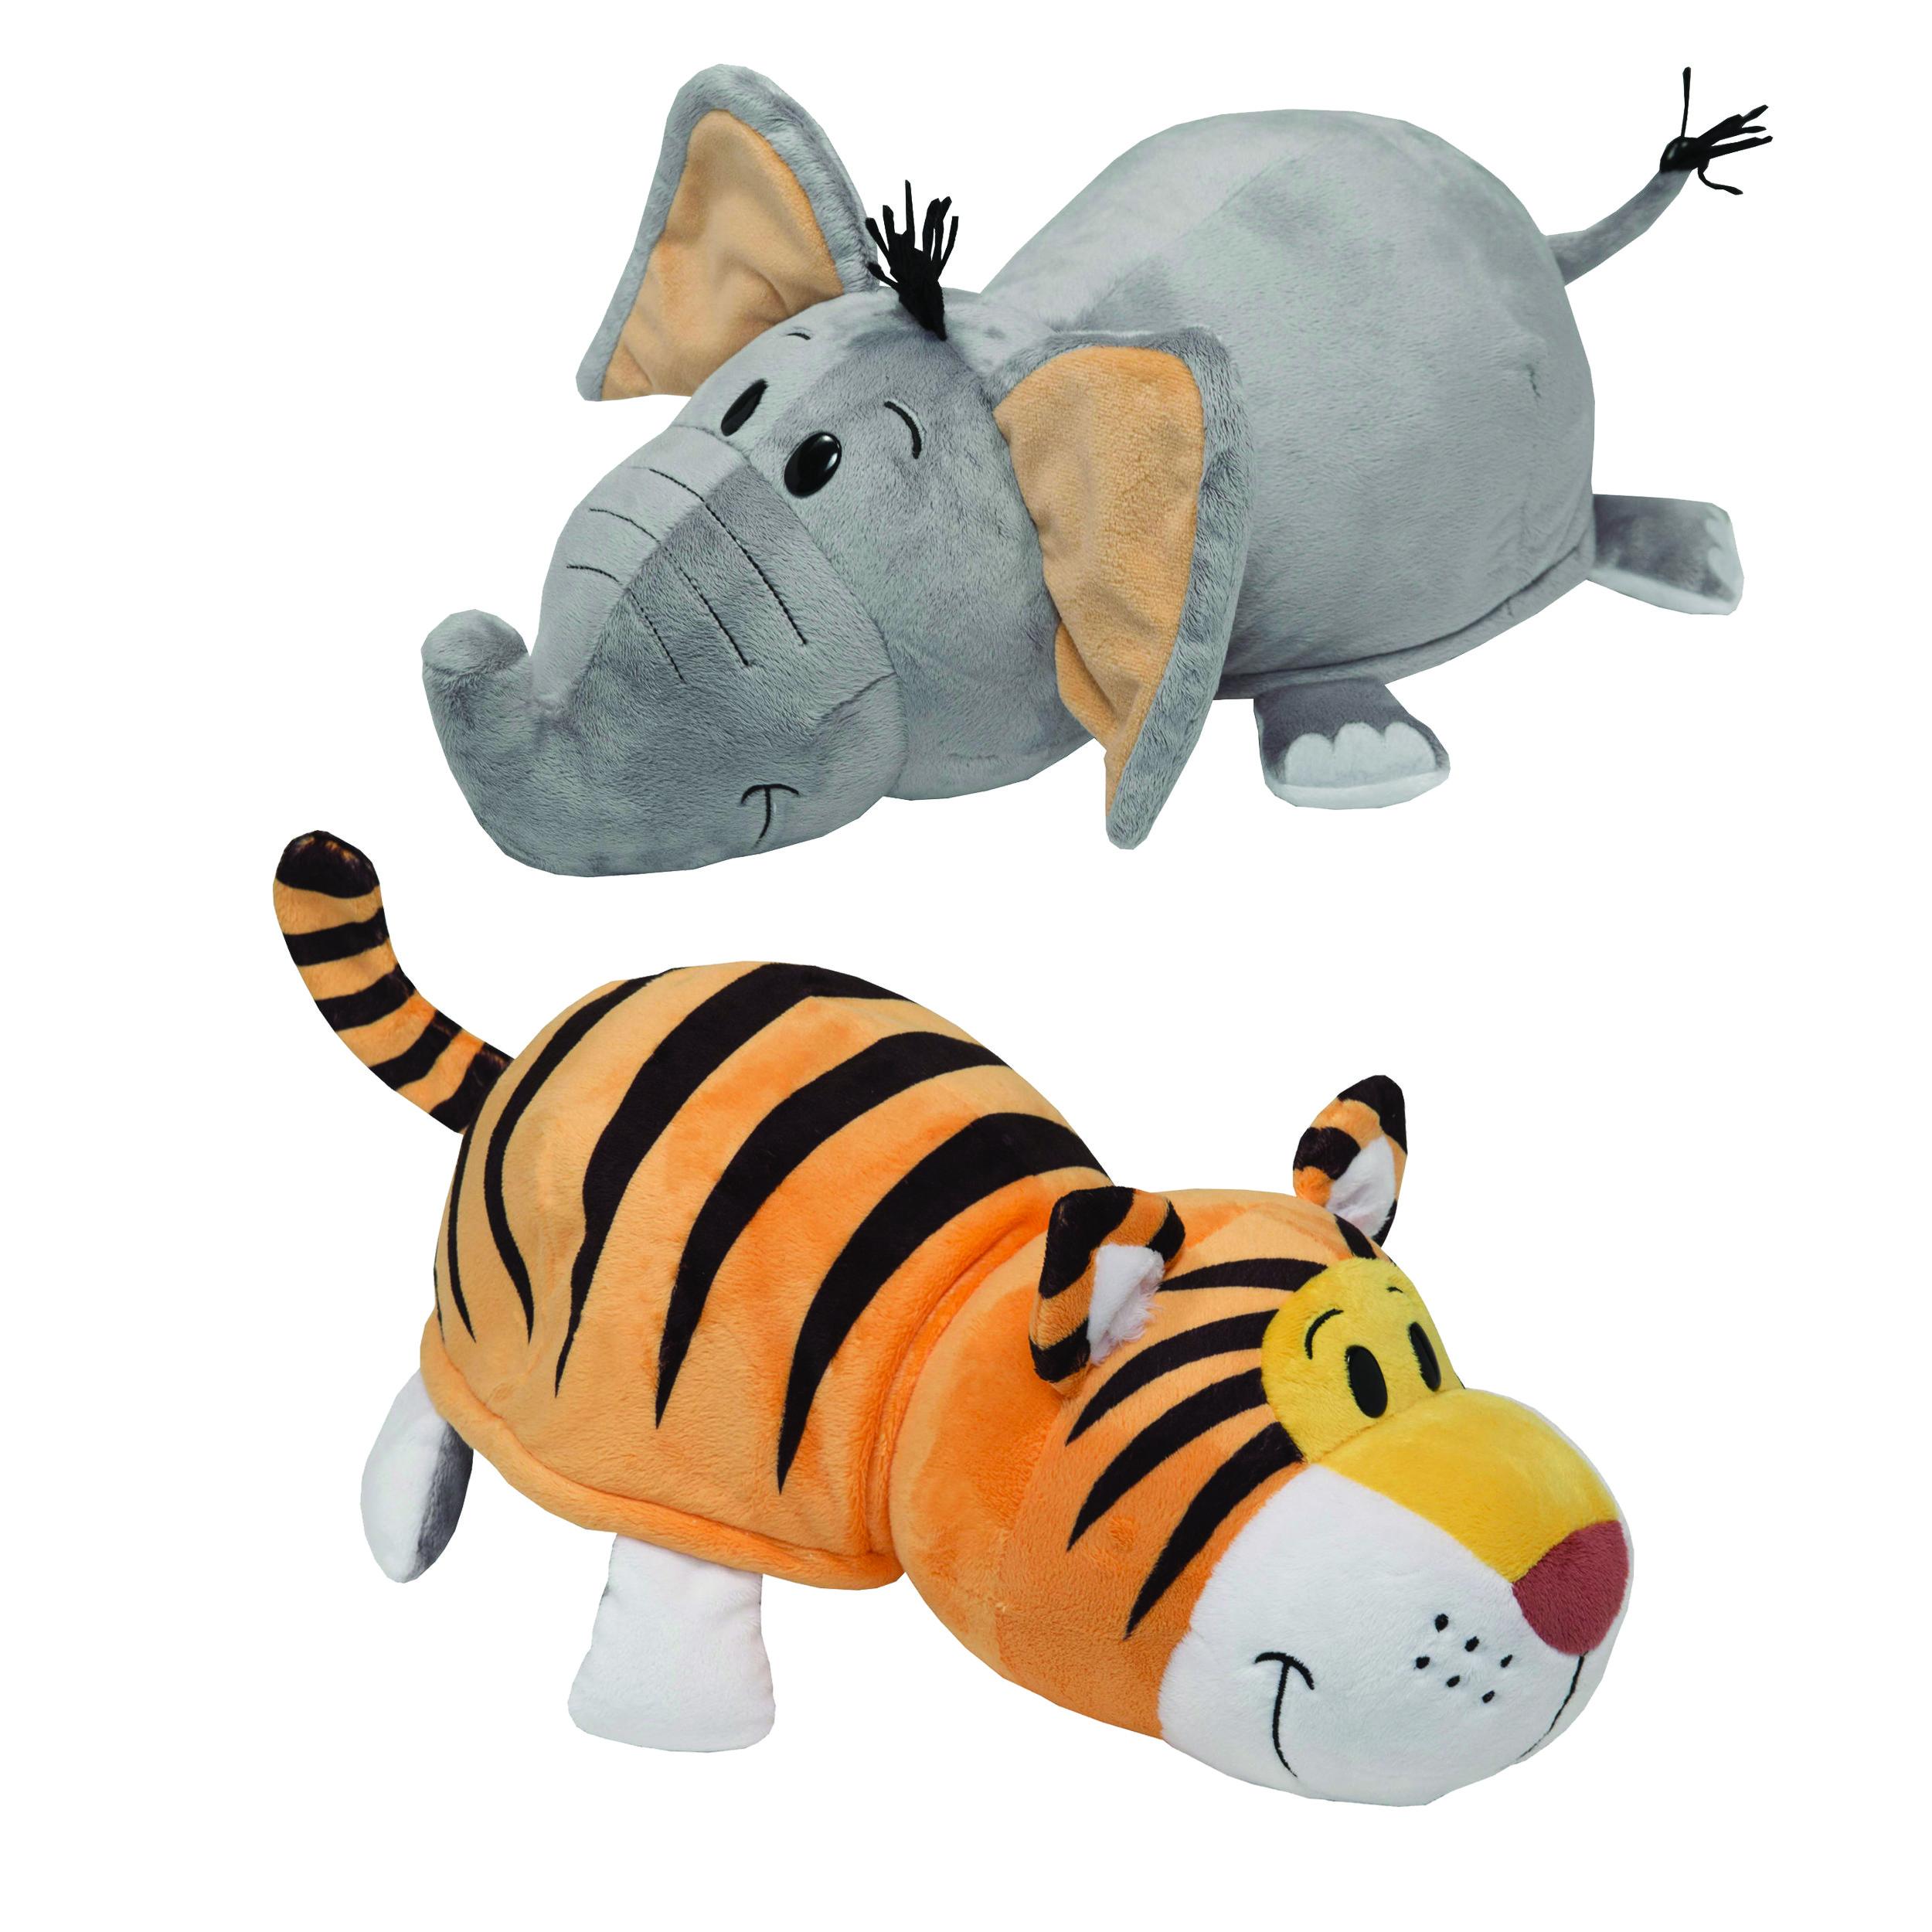 Мягкая игрушка 1toy Вывернушка. Слон-Тигр плюшевая игрушка вывернушка слон тигр 35см